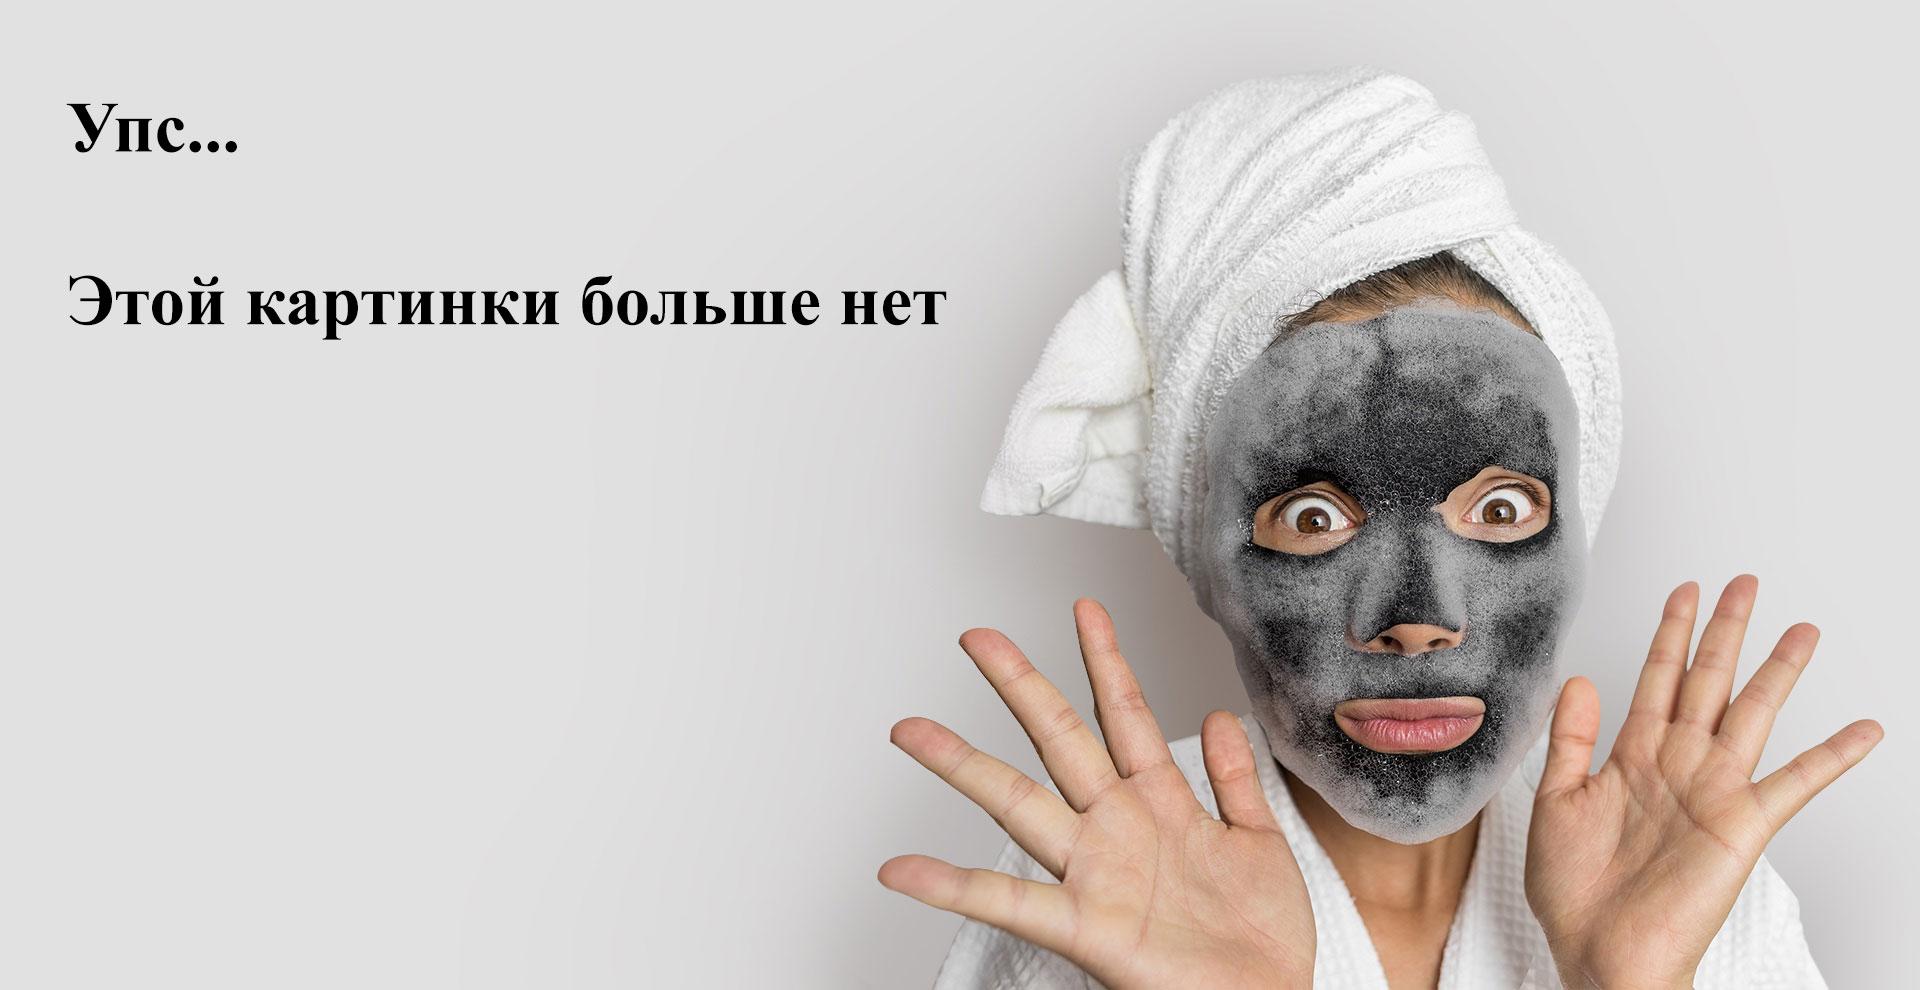 SHIK, Салфетки для снятия макияжа, 25 шт.